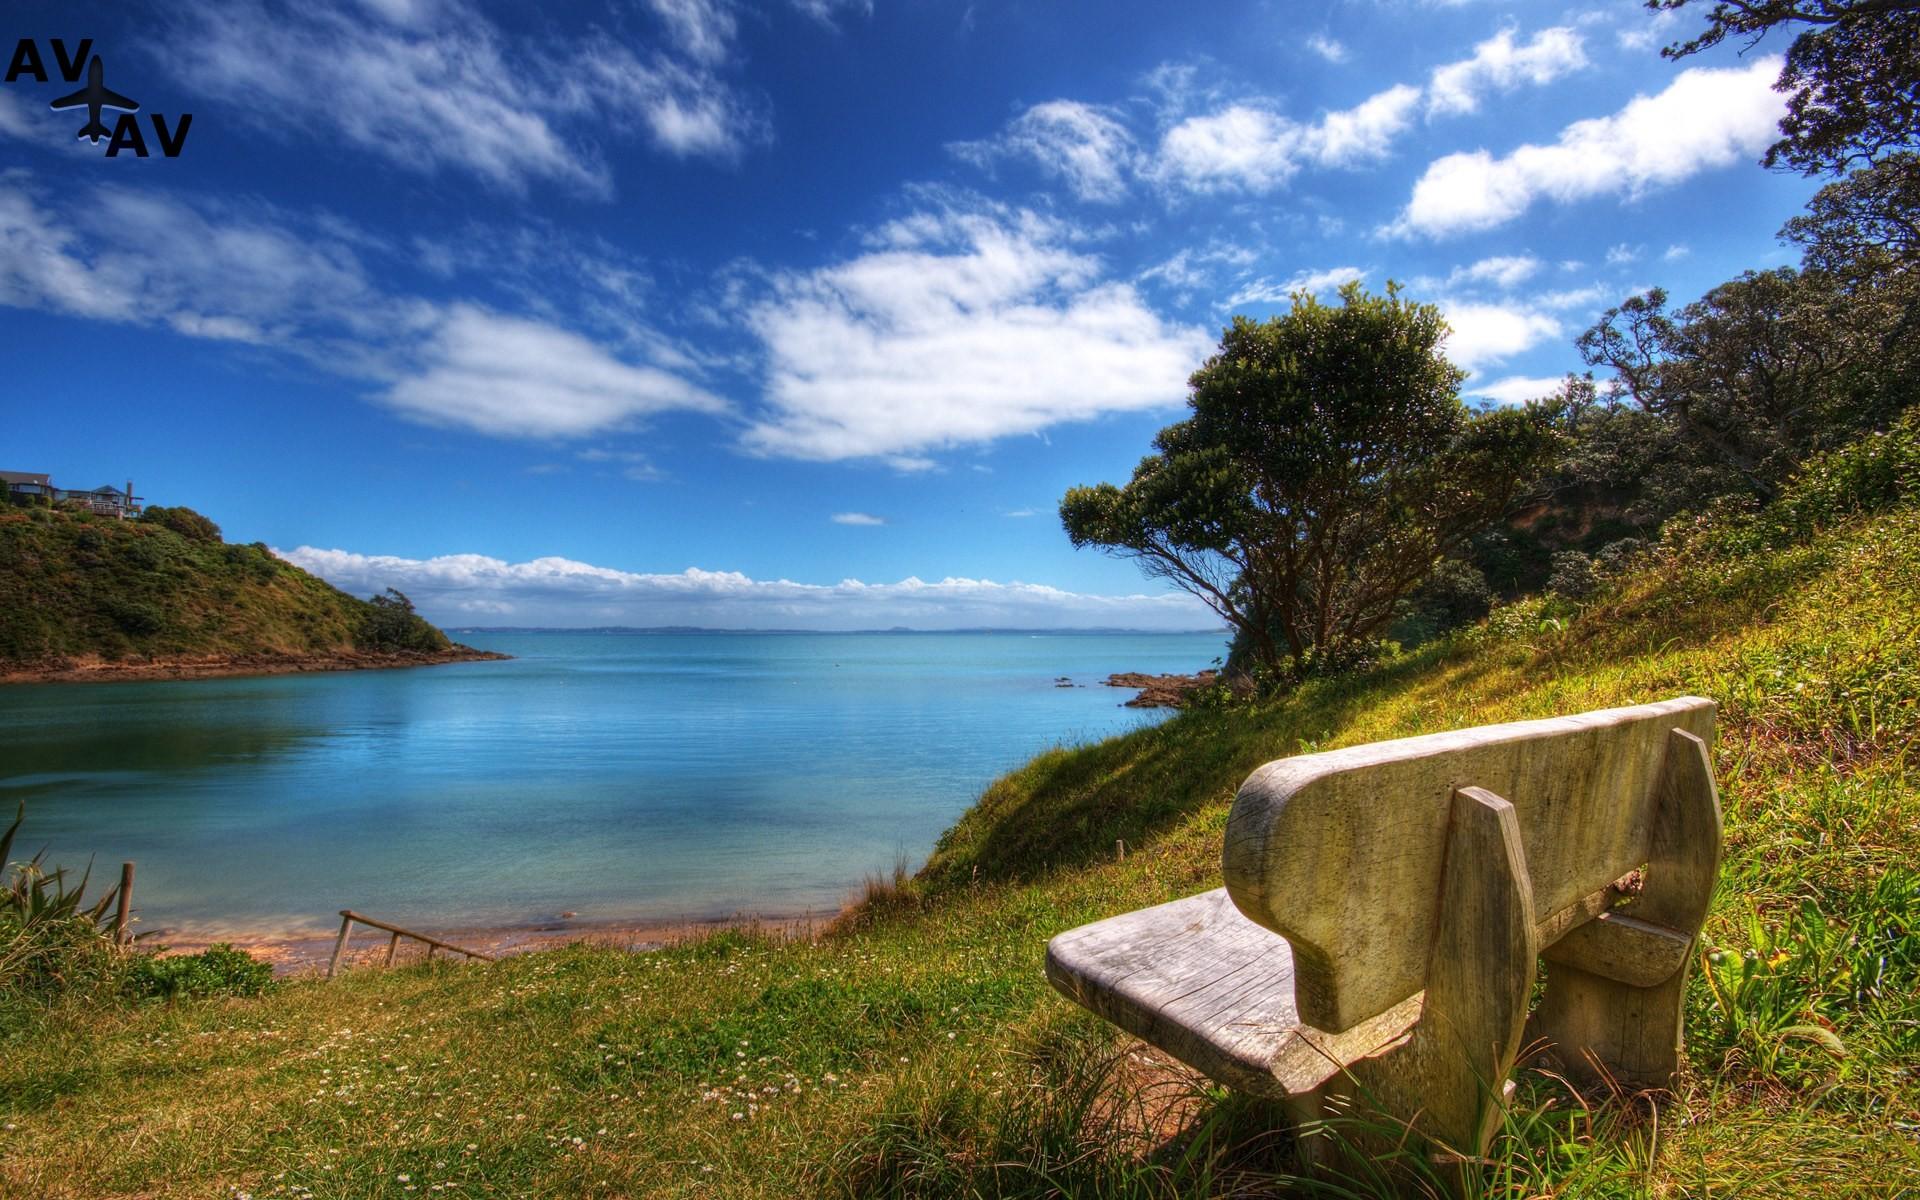 Prirodnyie dostoprimechatelnosti Novoy Zelandii - Природные достопримечательности Новой Зеландии